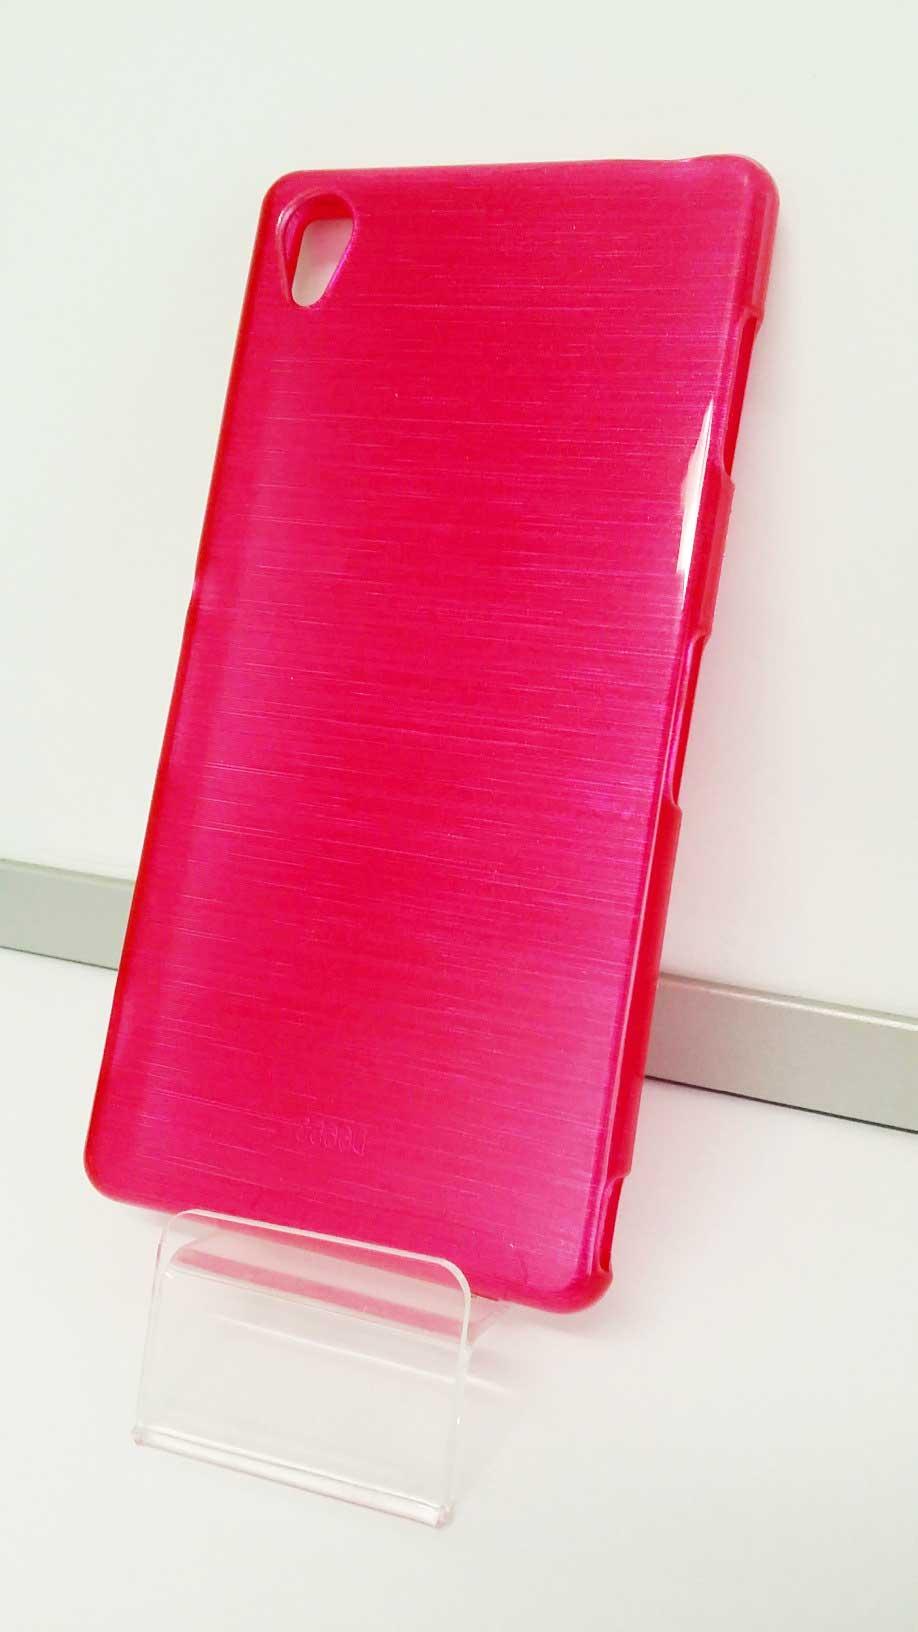 Jelly Case silikonový obal na mobil Sony Xperia Z3 růžový odstín candy